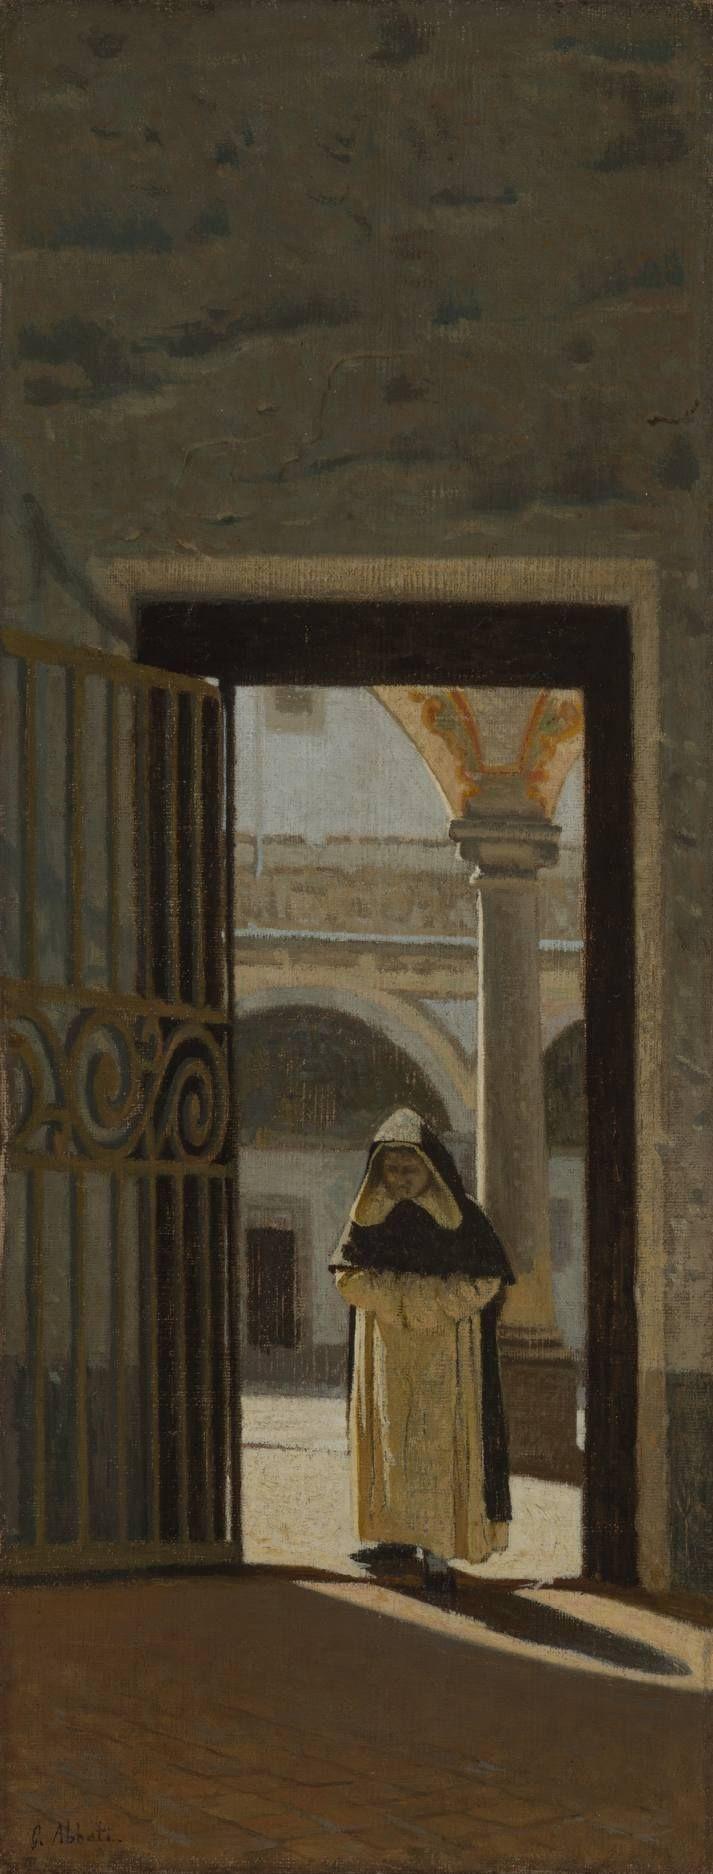 Firenze, interno di un chiostro (San Marco), 1864-1865 ca – Giuseppe Abbati